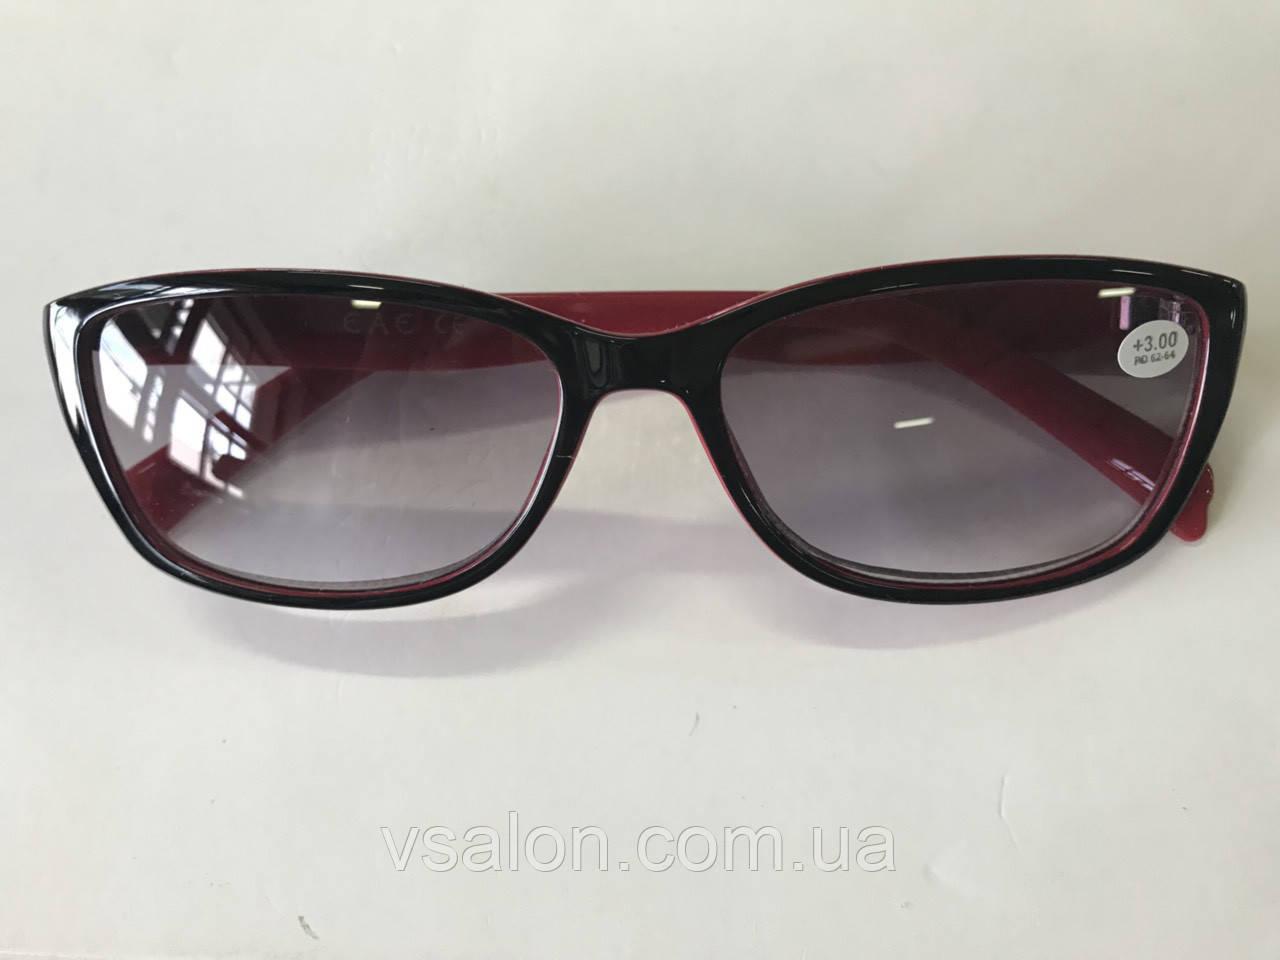 Сонцезахисні окуляри для зору 2104